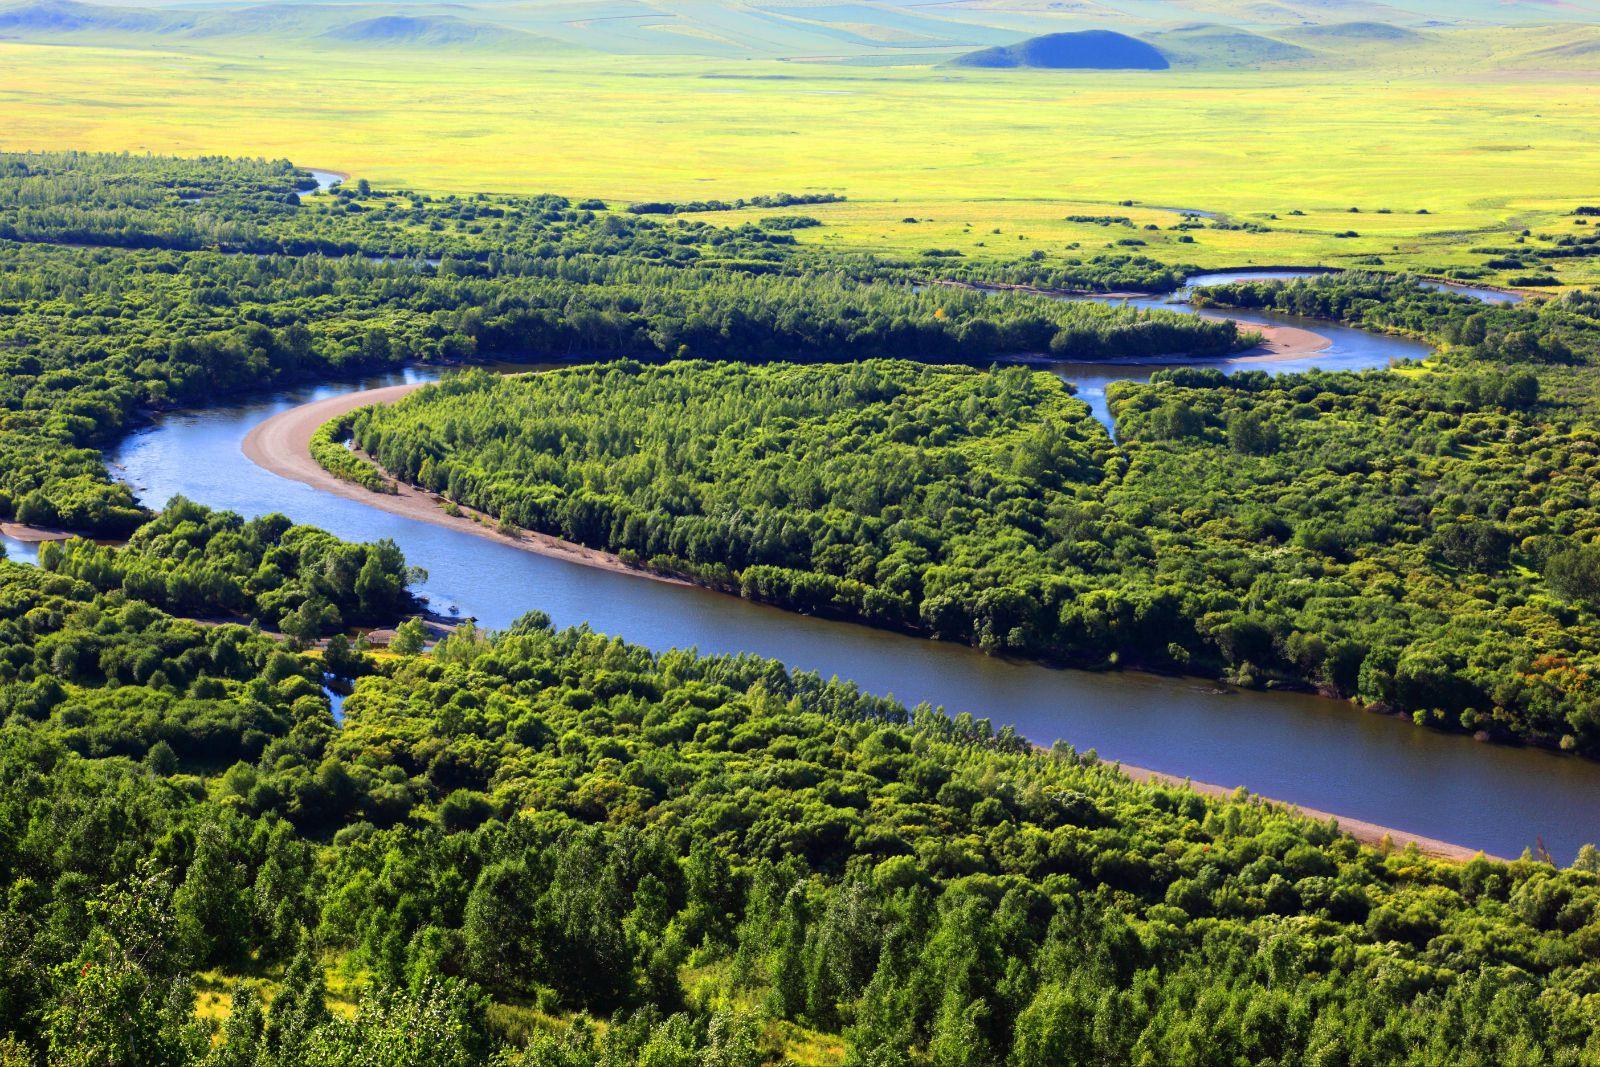 额尔古纳湿地公园